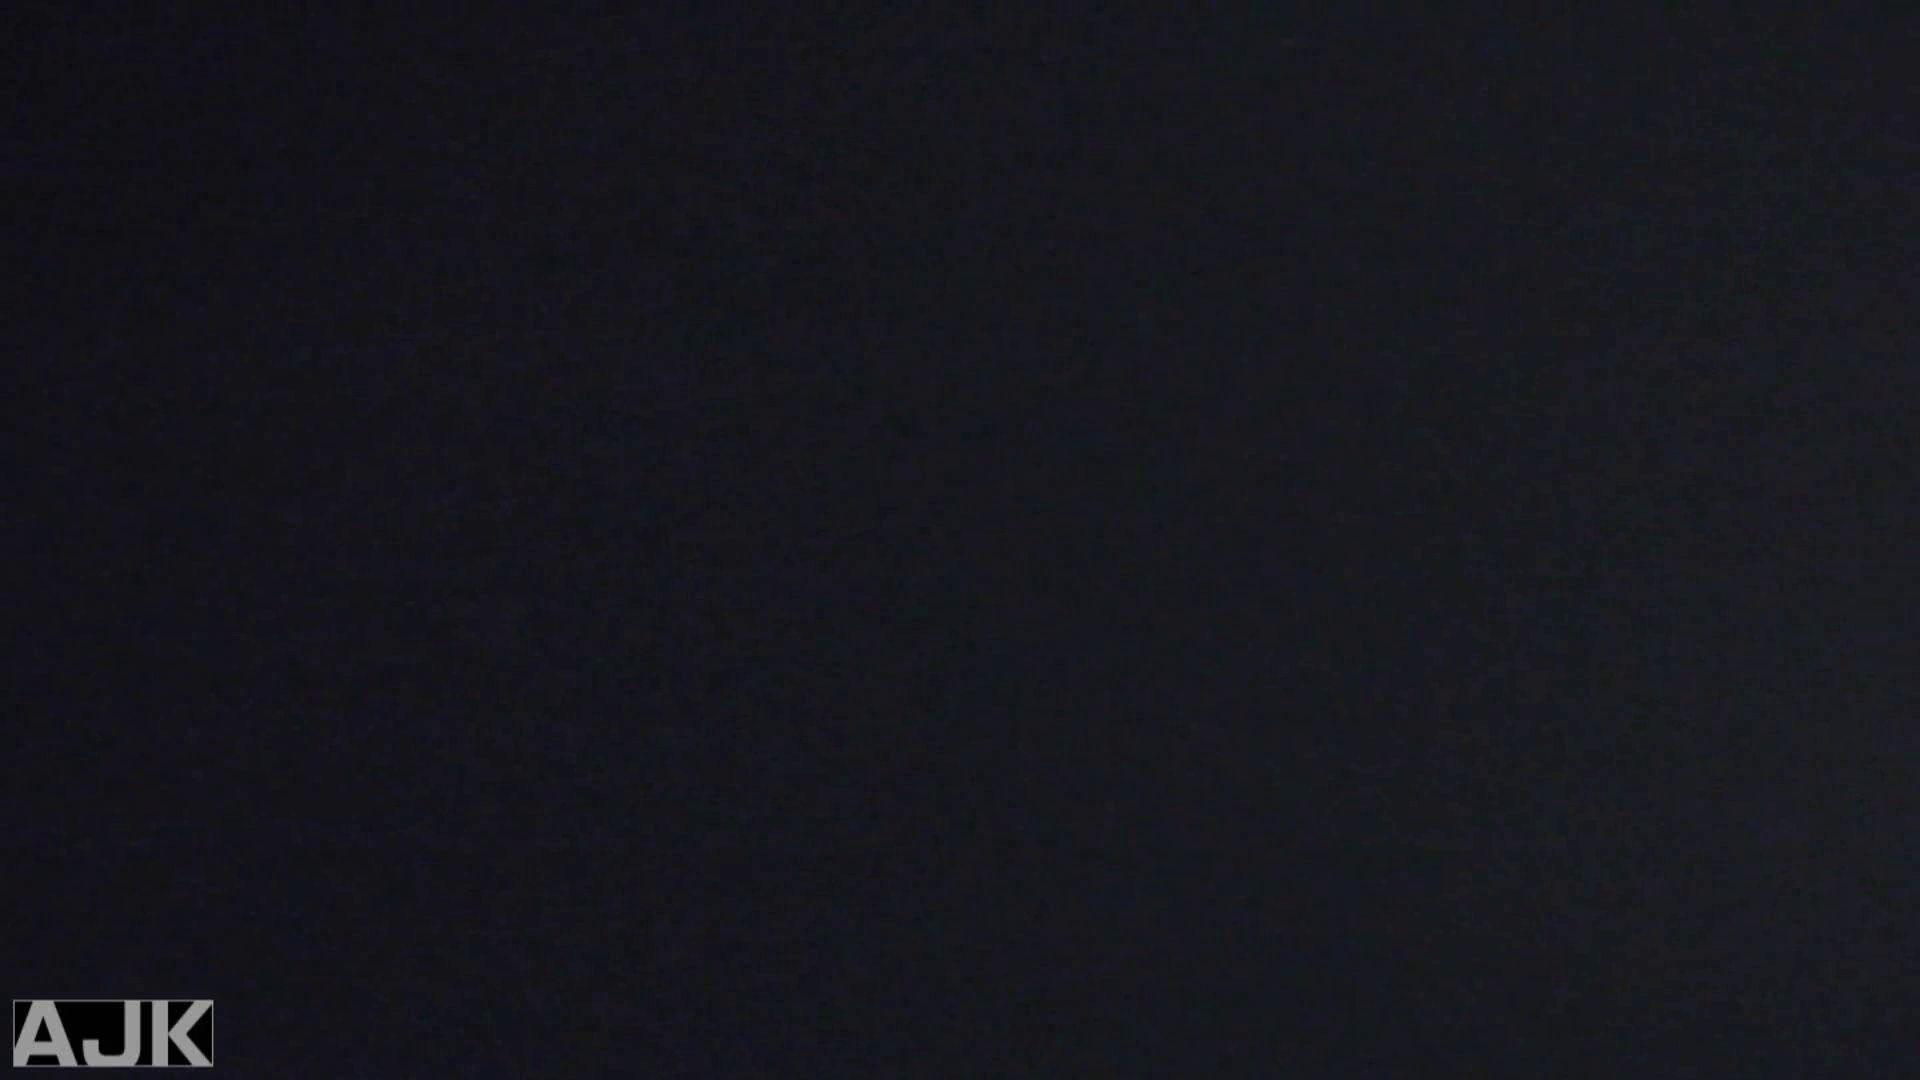 神降臨!史上最強の潜入かわや! vol.22 マンコ・ムレムレ  96pic 28